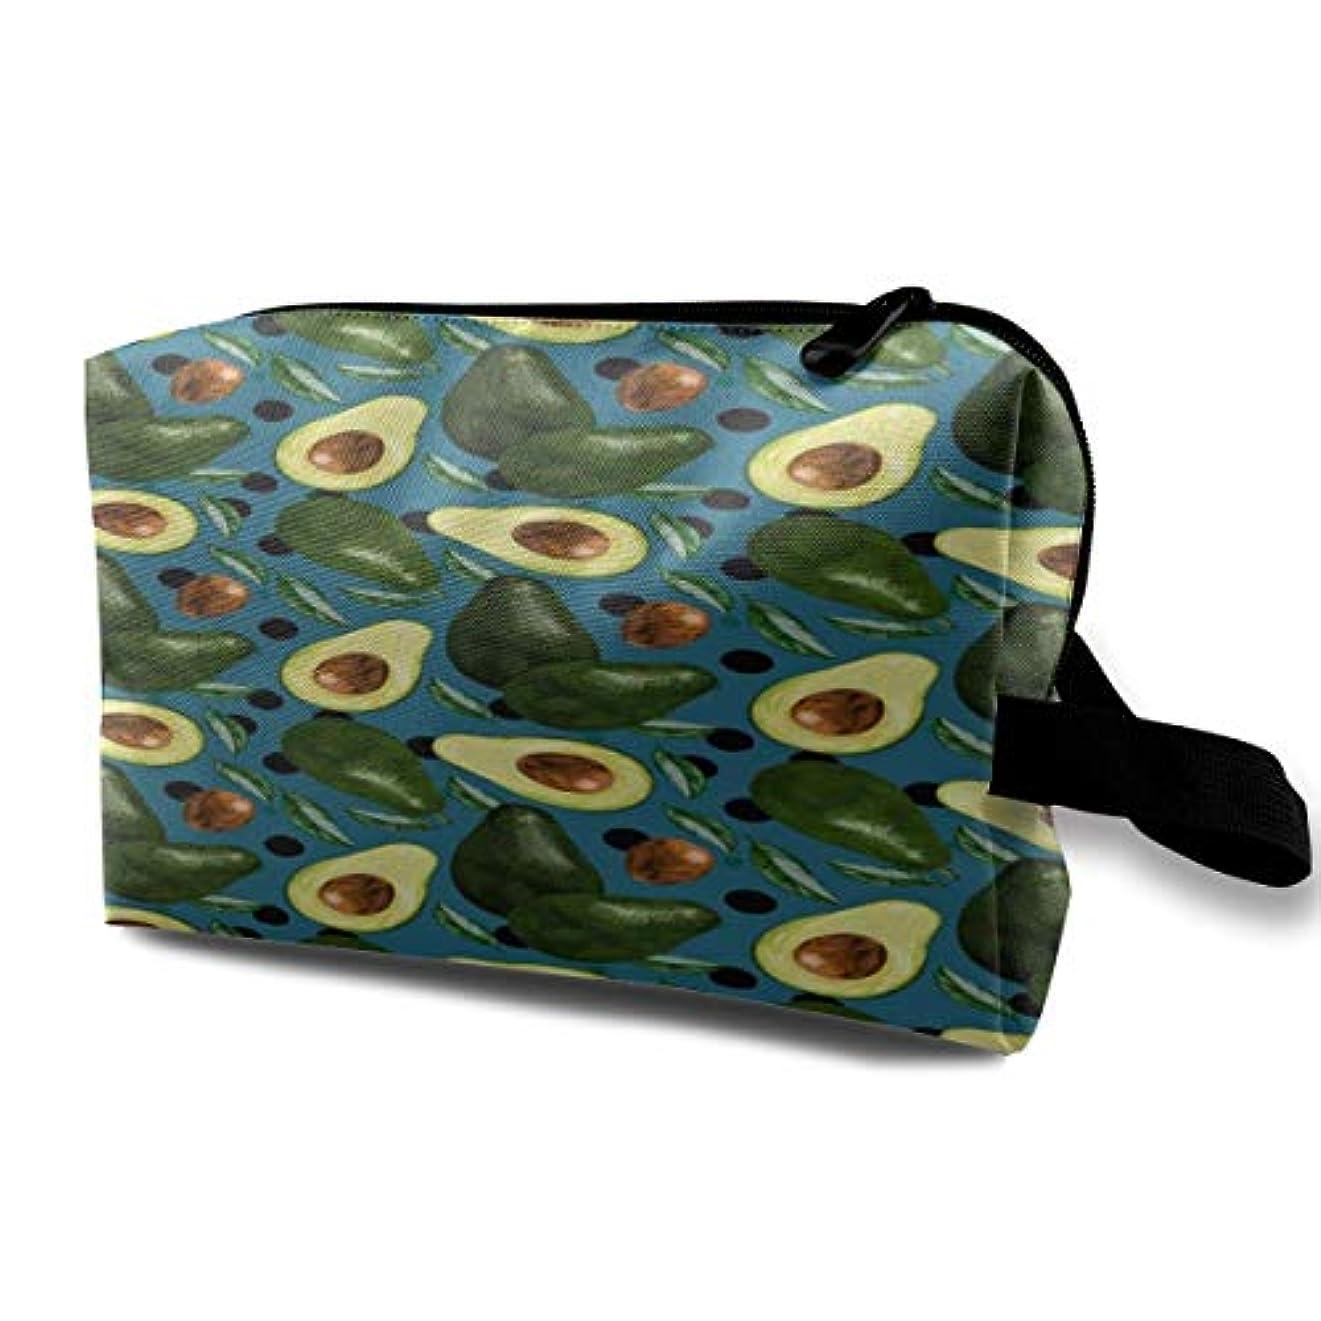 サミット軽く専門用語Avocado Pattern (3) 収納ポーチ 化粧ポーチ 大容量 軽量 耐久性 ハンドル付持ち運び便利。入れ 自宅?出張?旅行?アウトドア撮影などに対応。メンズ レディース トラベルグッズ